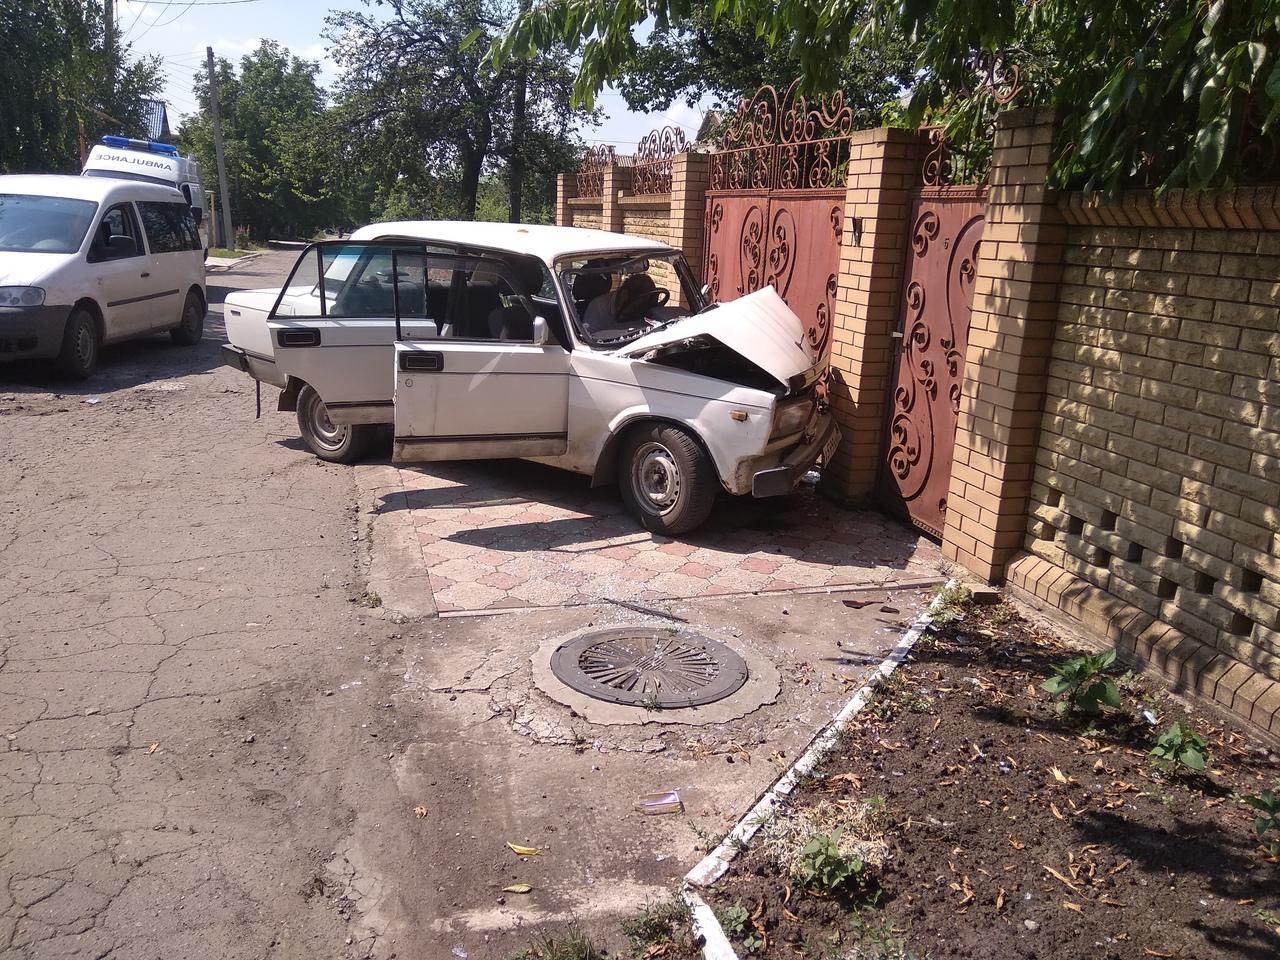 Госавтоинспекция призывает водителей быть внимательными и следить за здоровьем в жаркую погоду